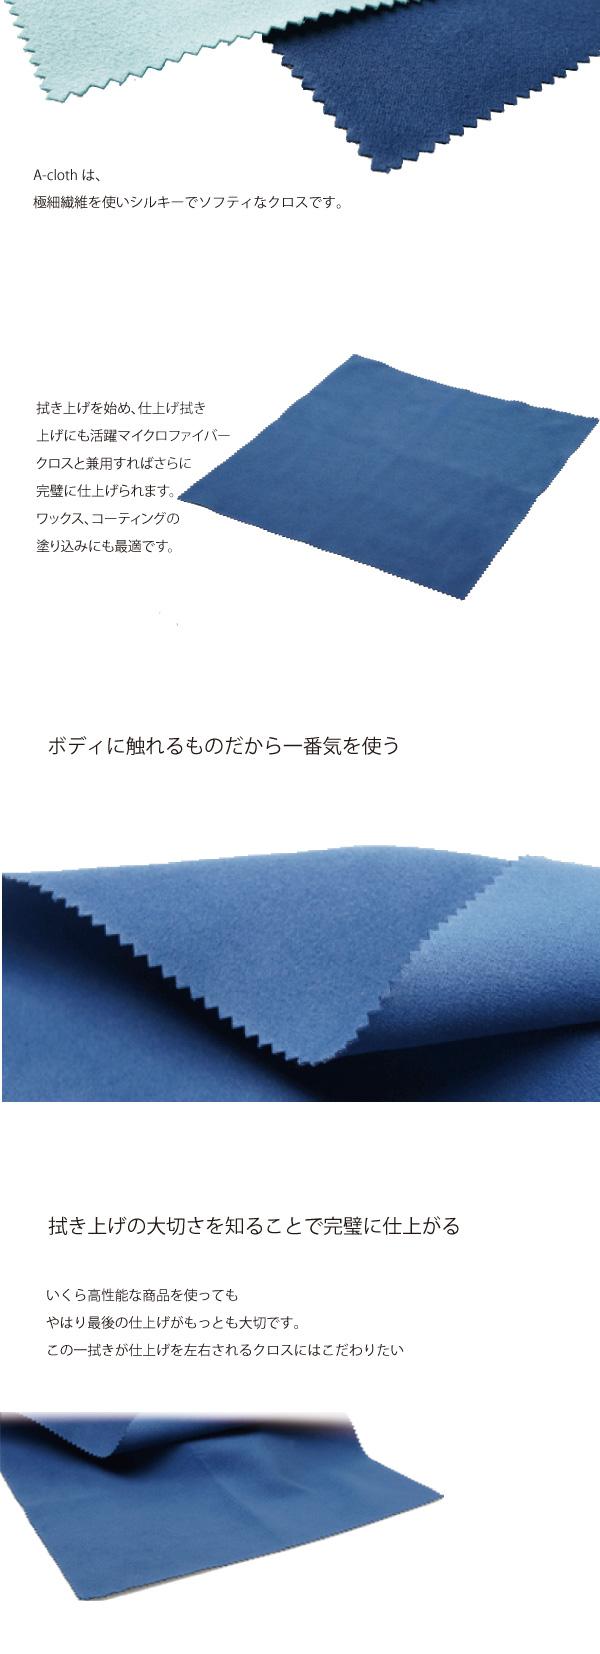 a-cloth